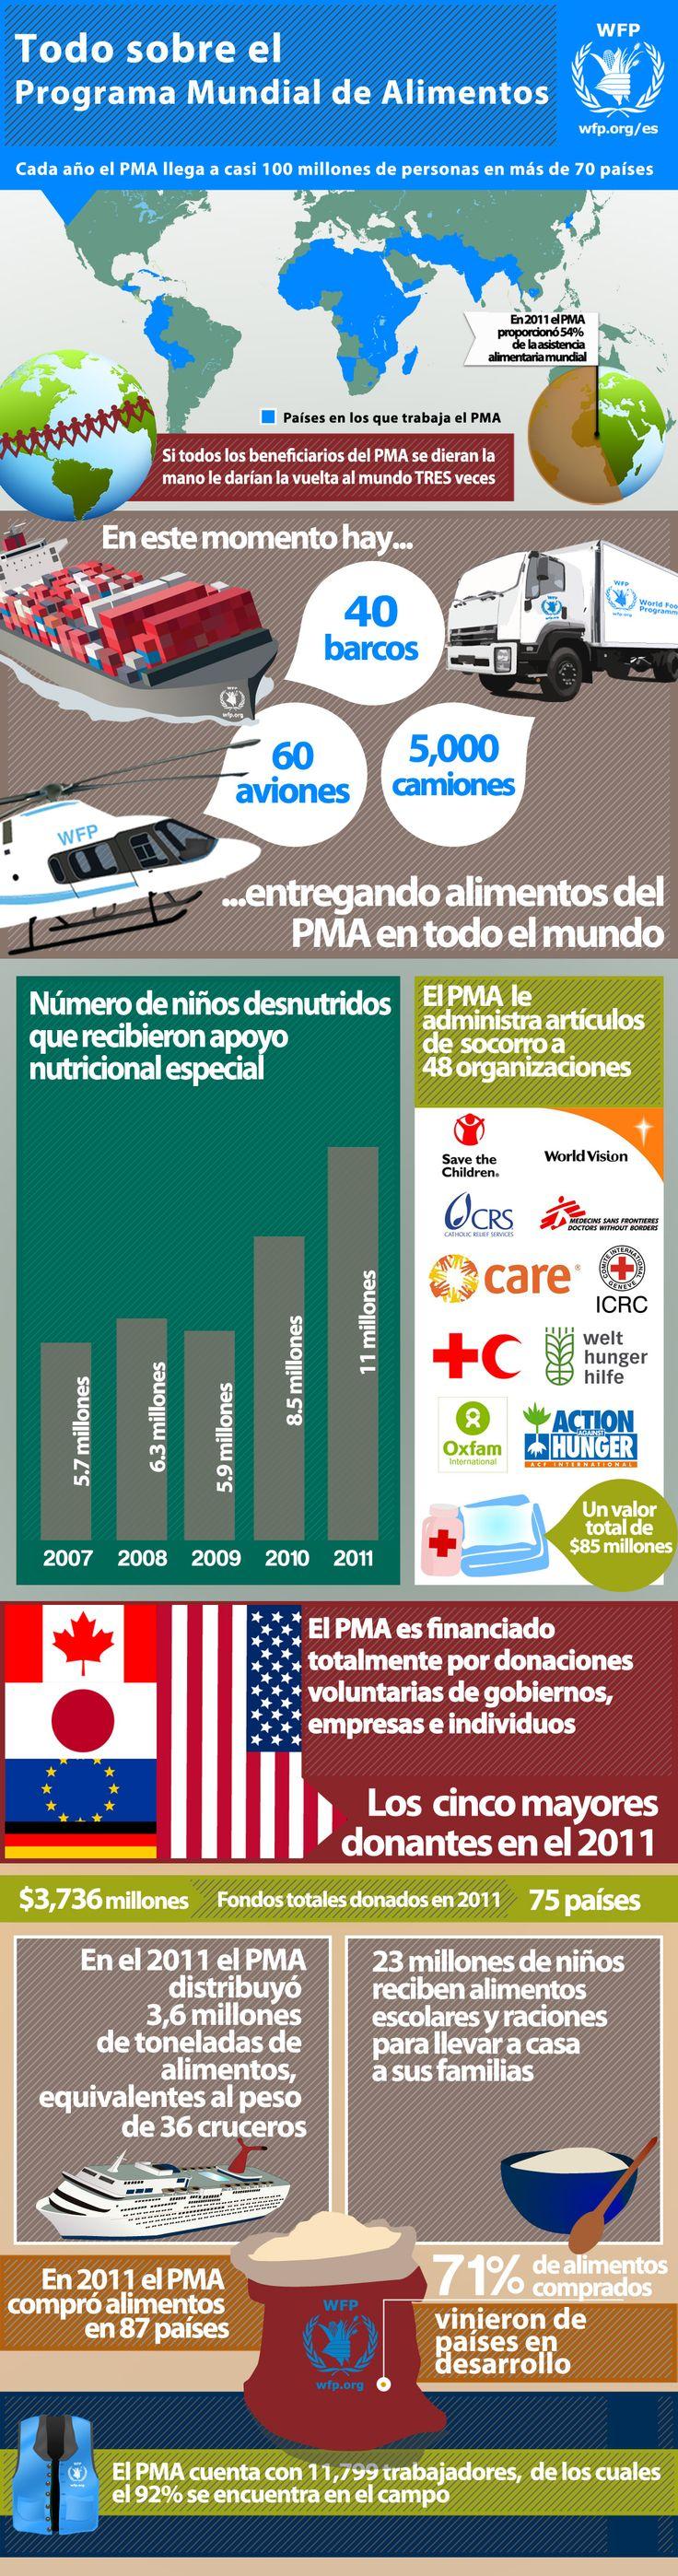 Programa Mundial de Alimentos #Infografía #ONG